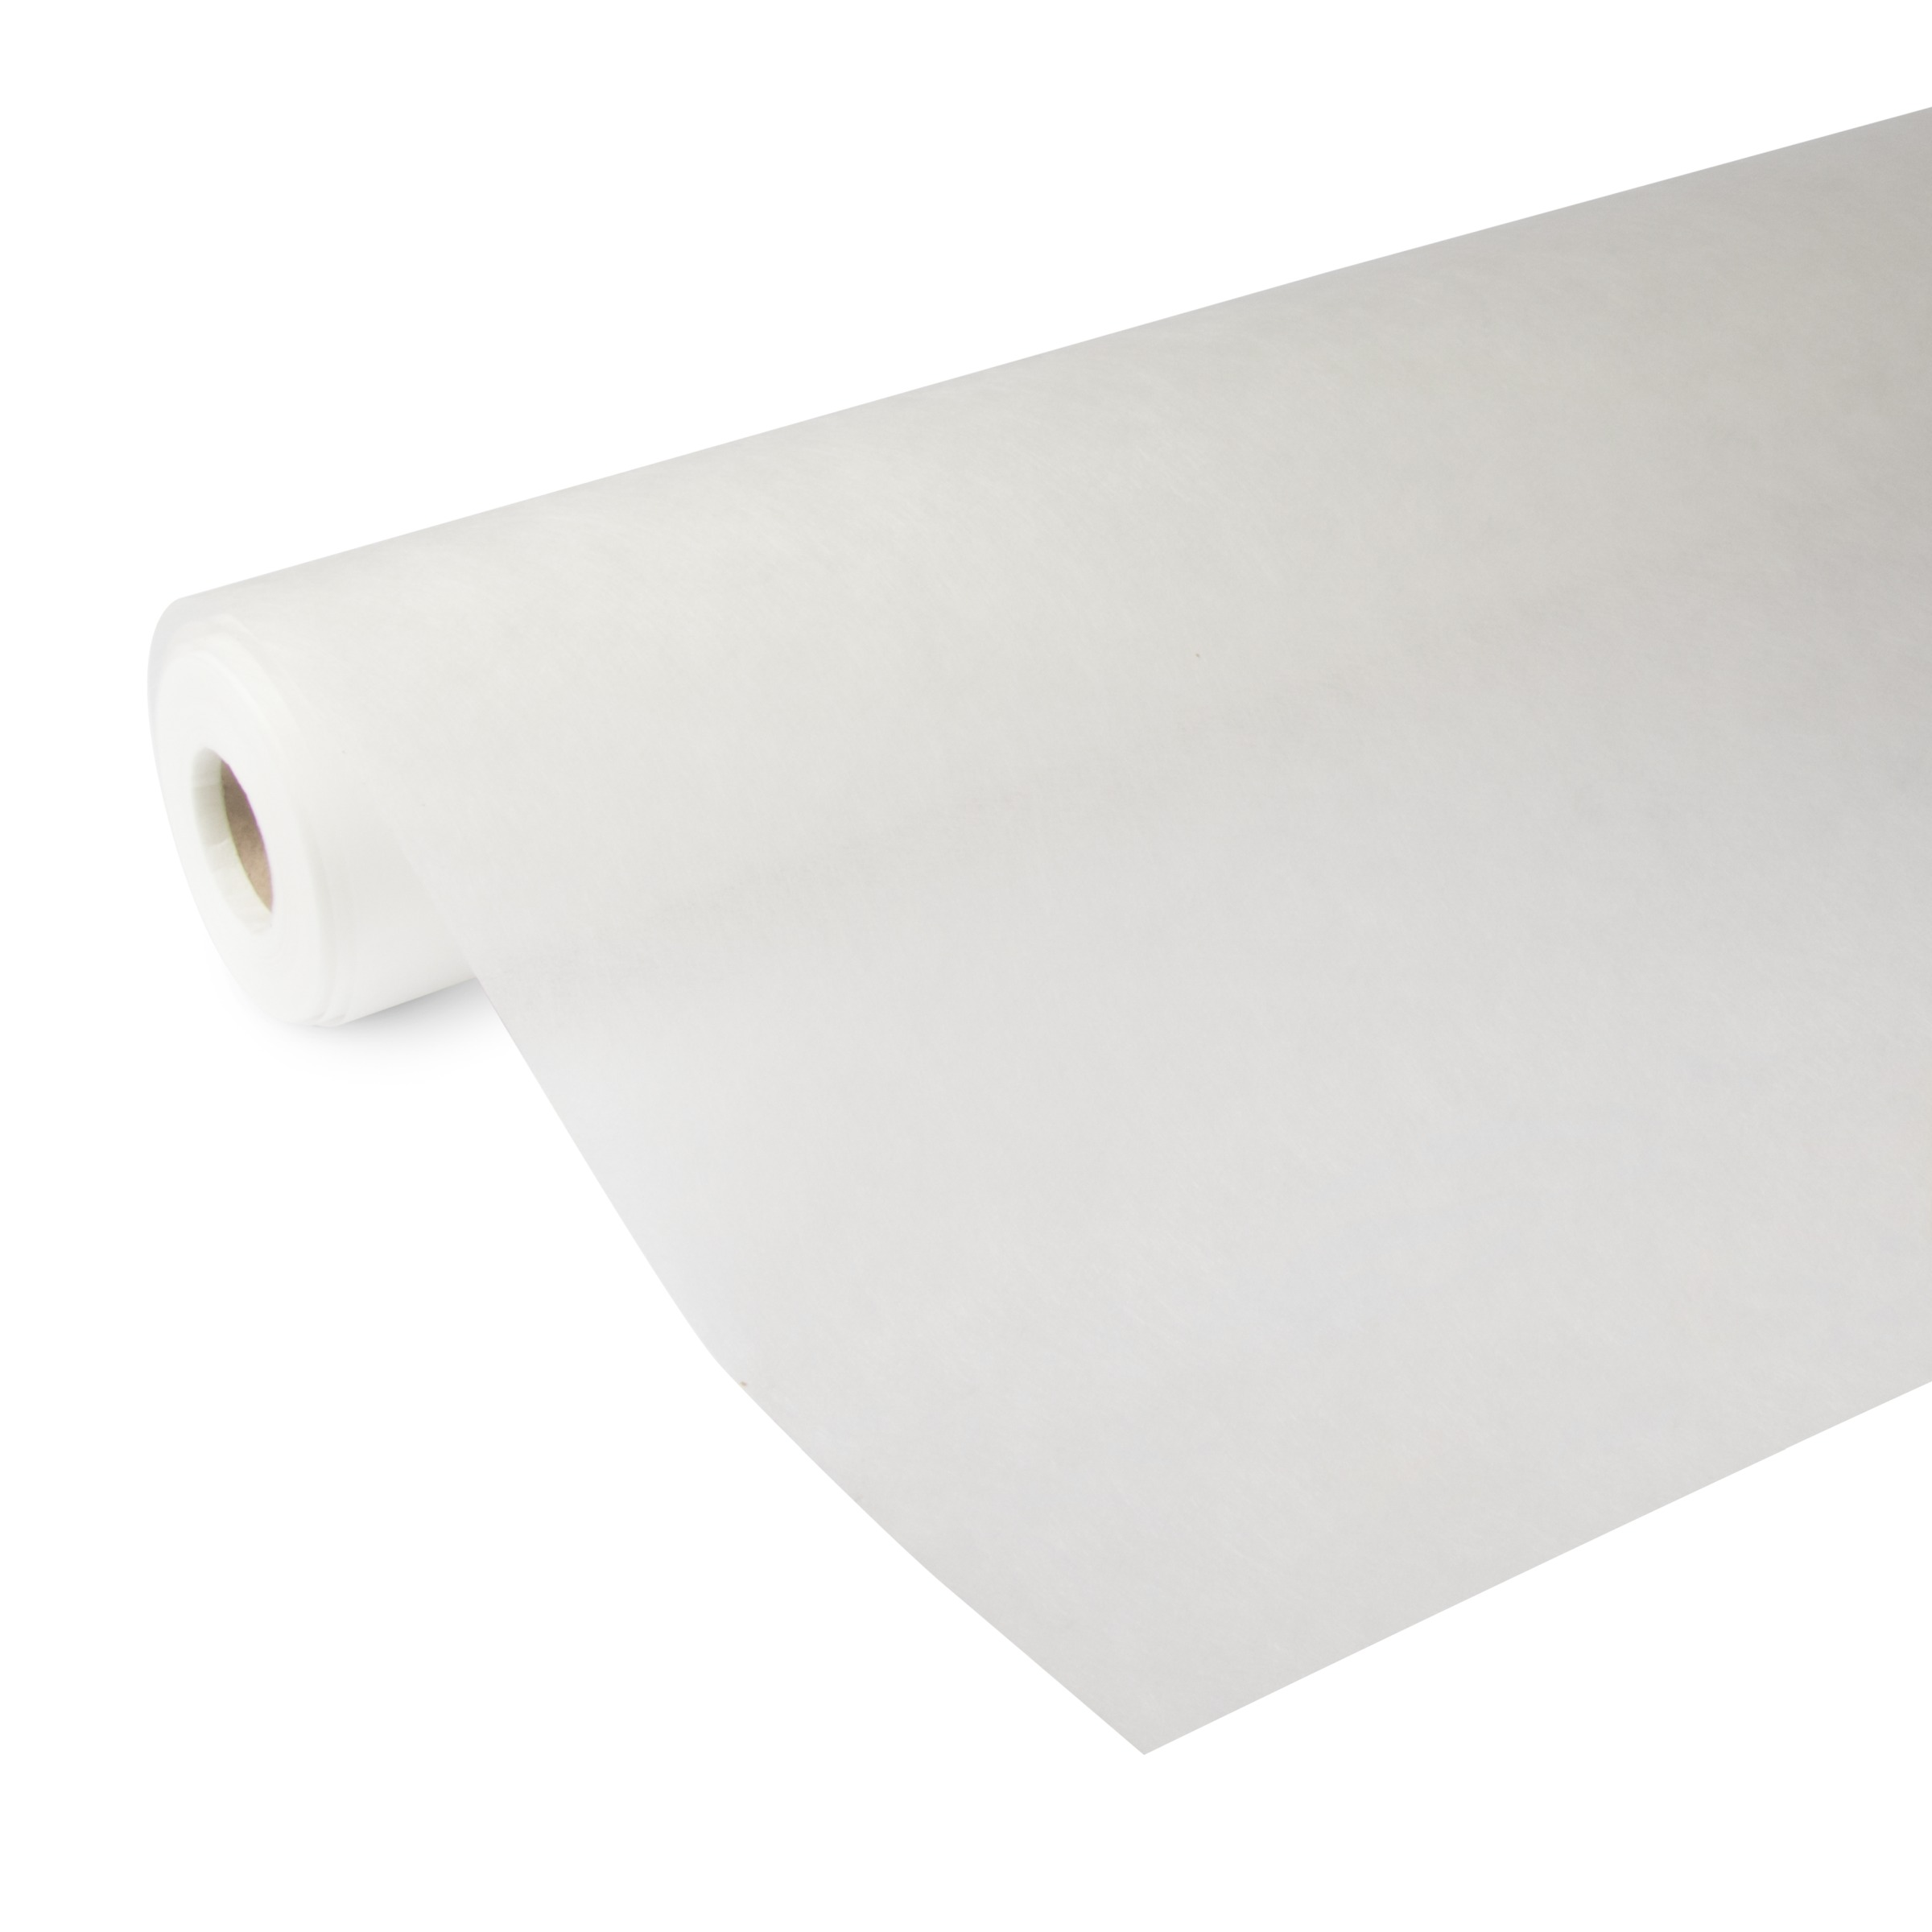 Glasweefselsbehang ruit midden voorgeschilderd wit 25 m (dessin GW402-25)